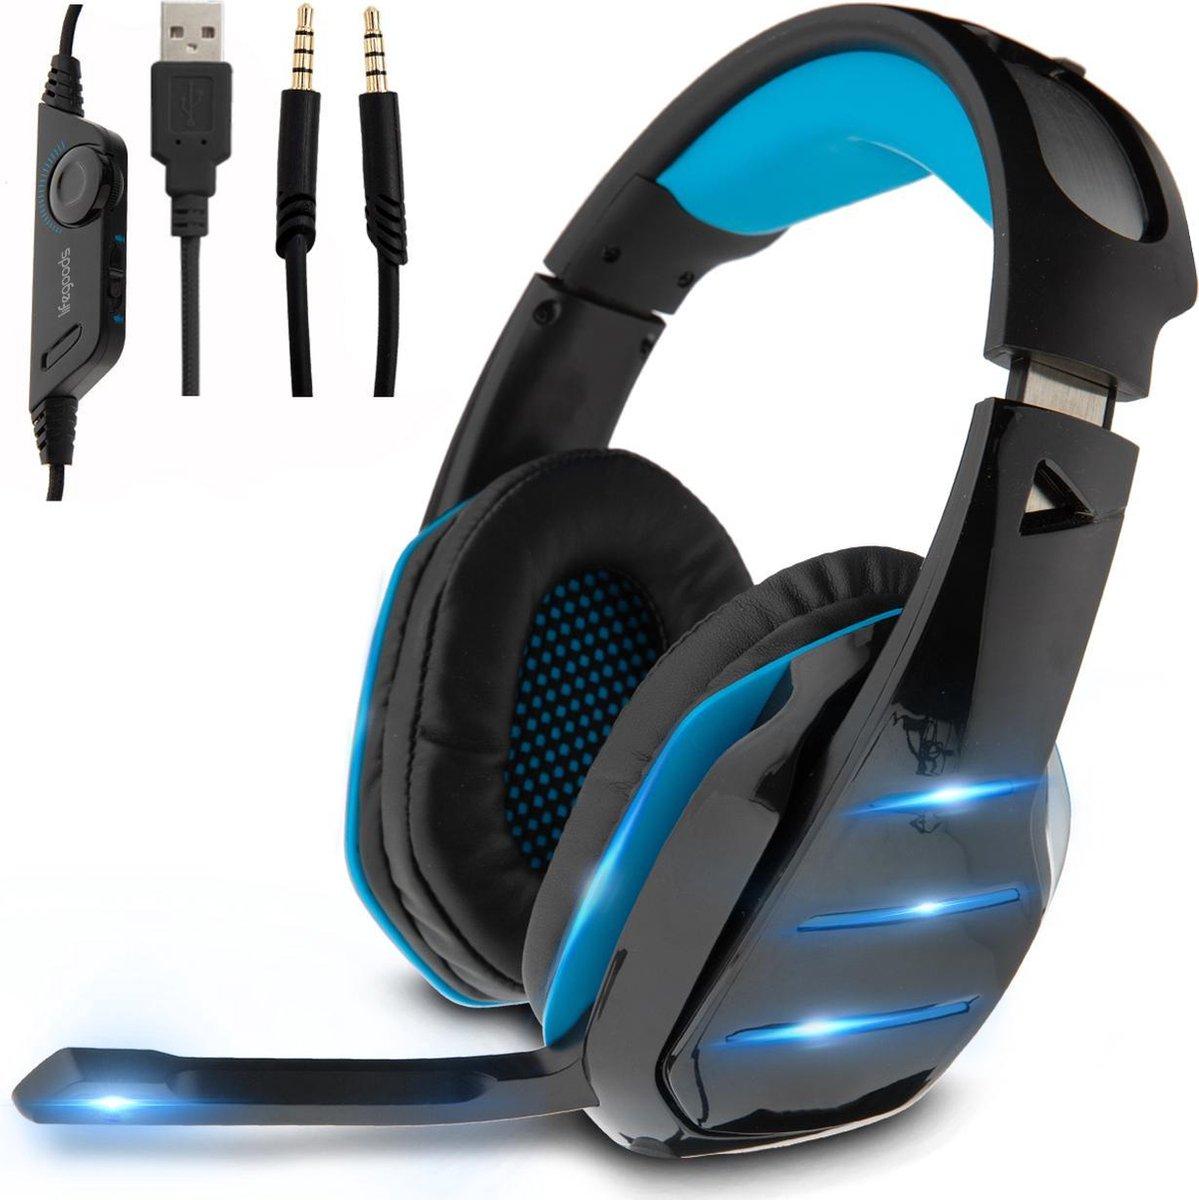 LifeGoods Gaming Headset met Microfoon - Noise Reducing - 3,5 mm Jack en USB - Blauw/Zwart